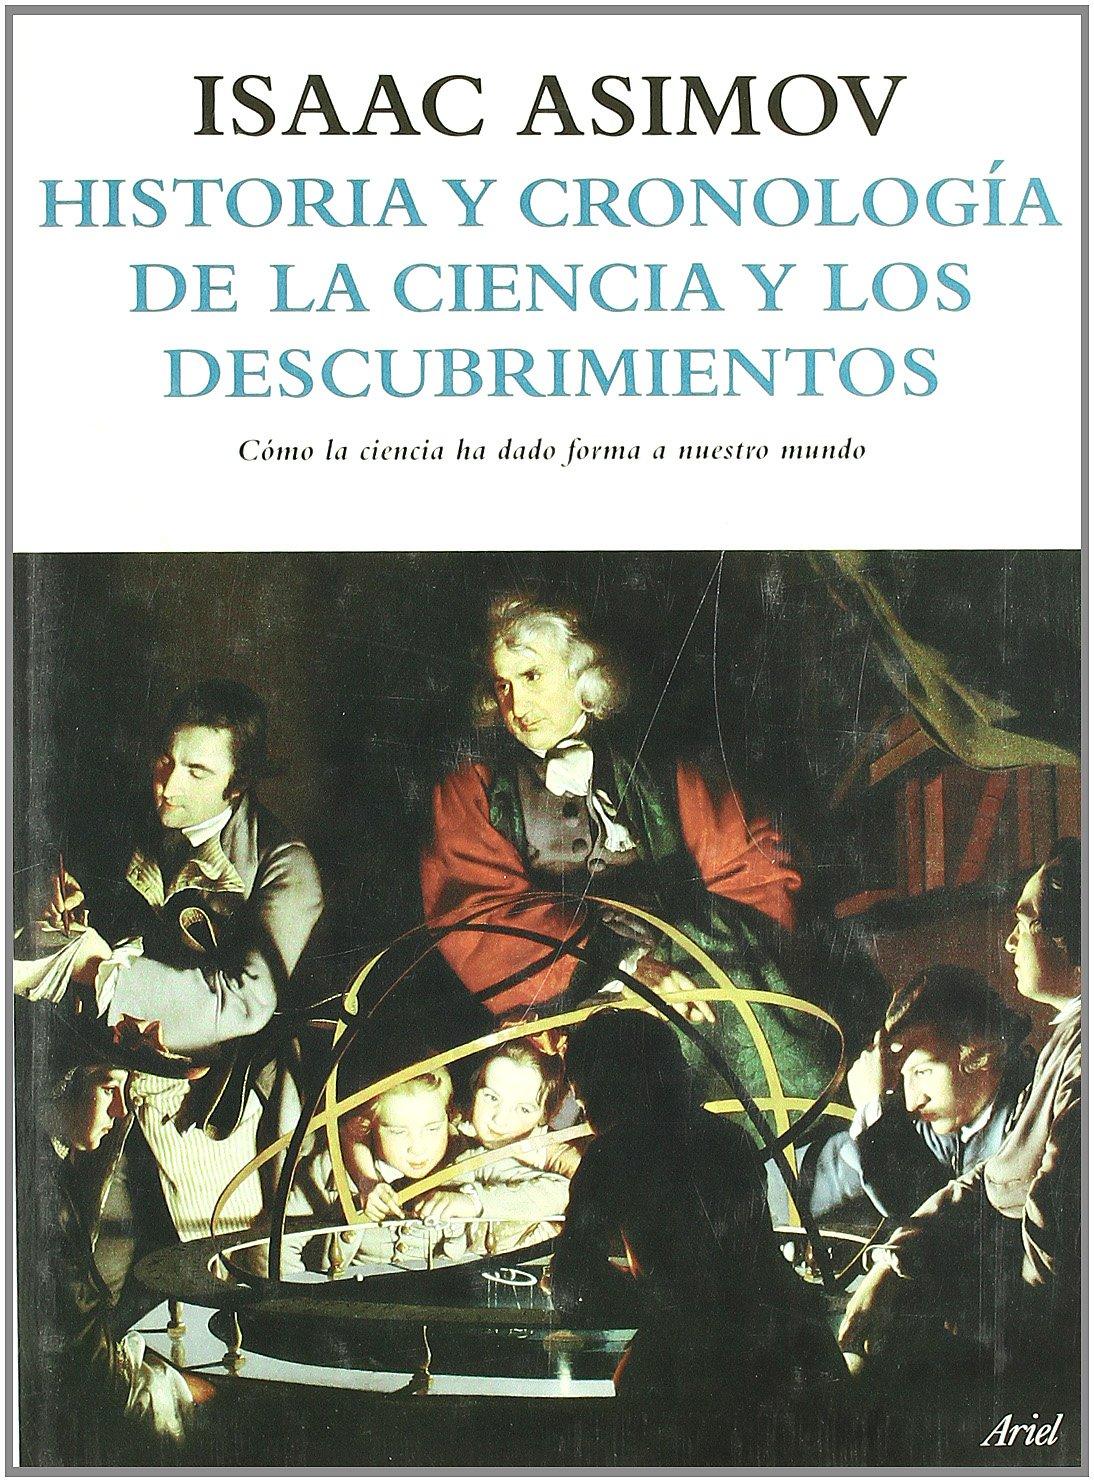 Historia y cronología de la ciencia y los descubrimientos Ariel: Amazon.es:  Isaac Asimov: Libros